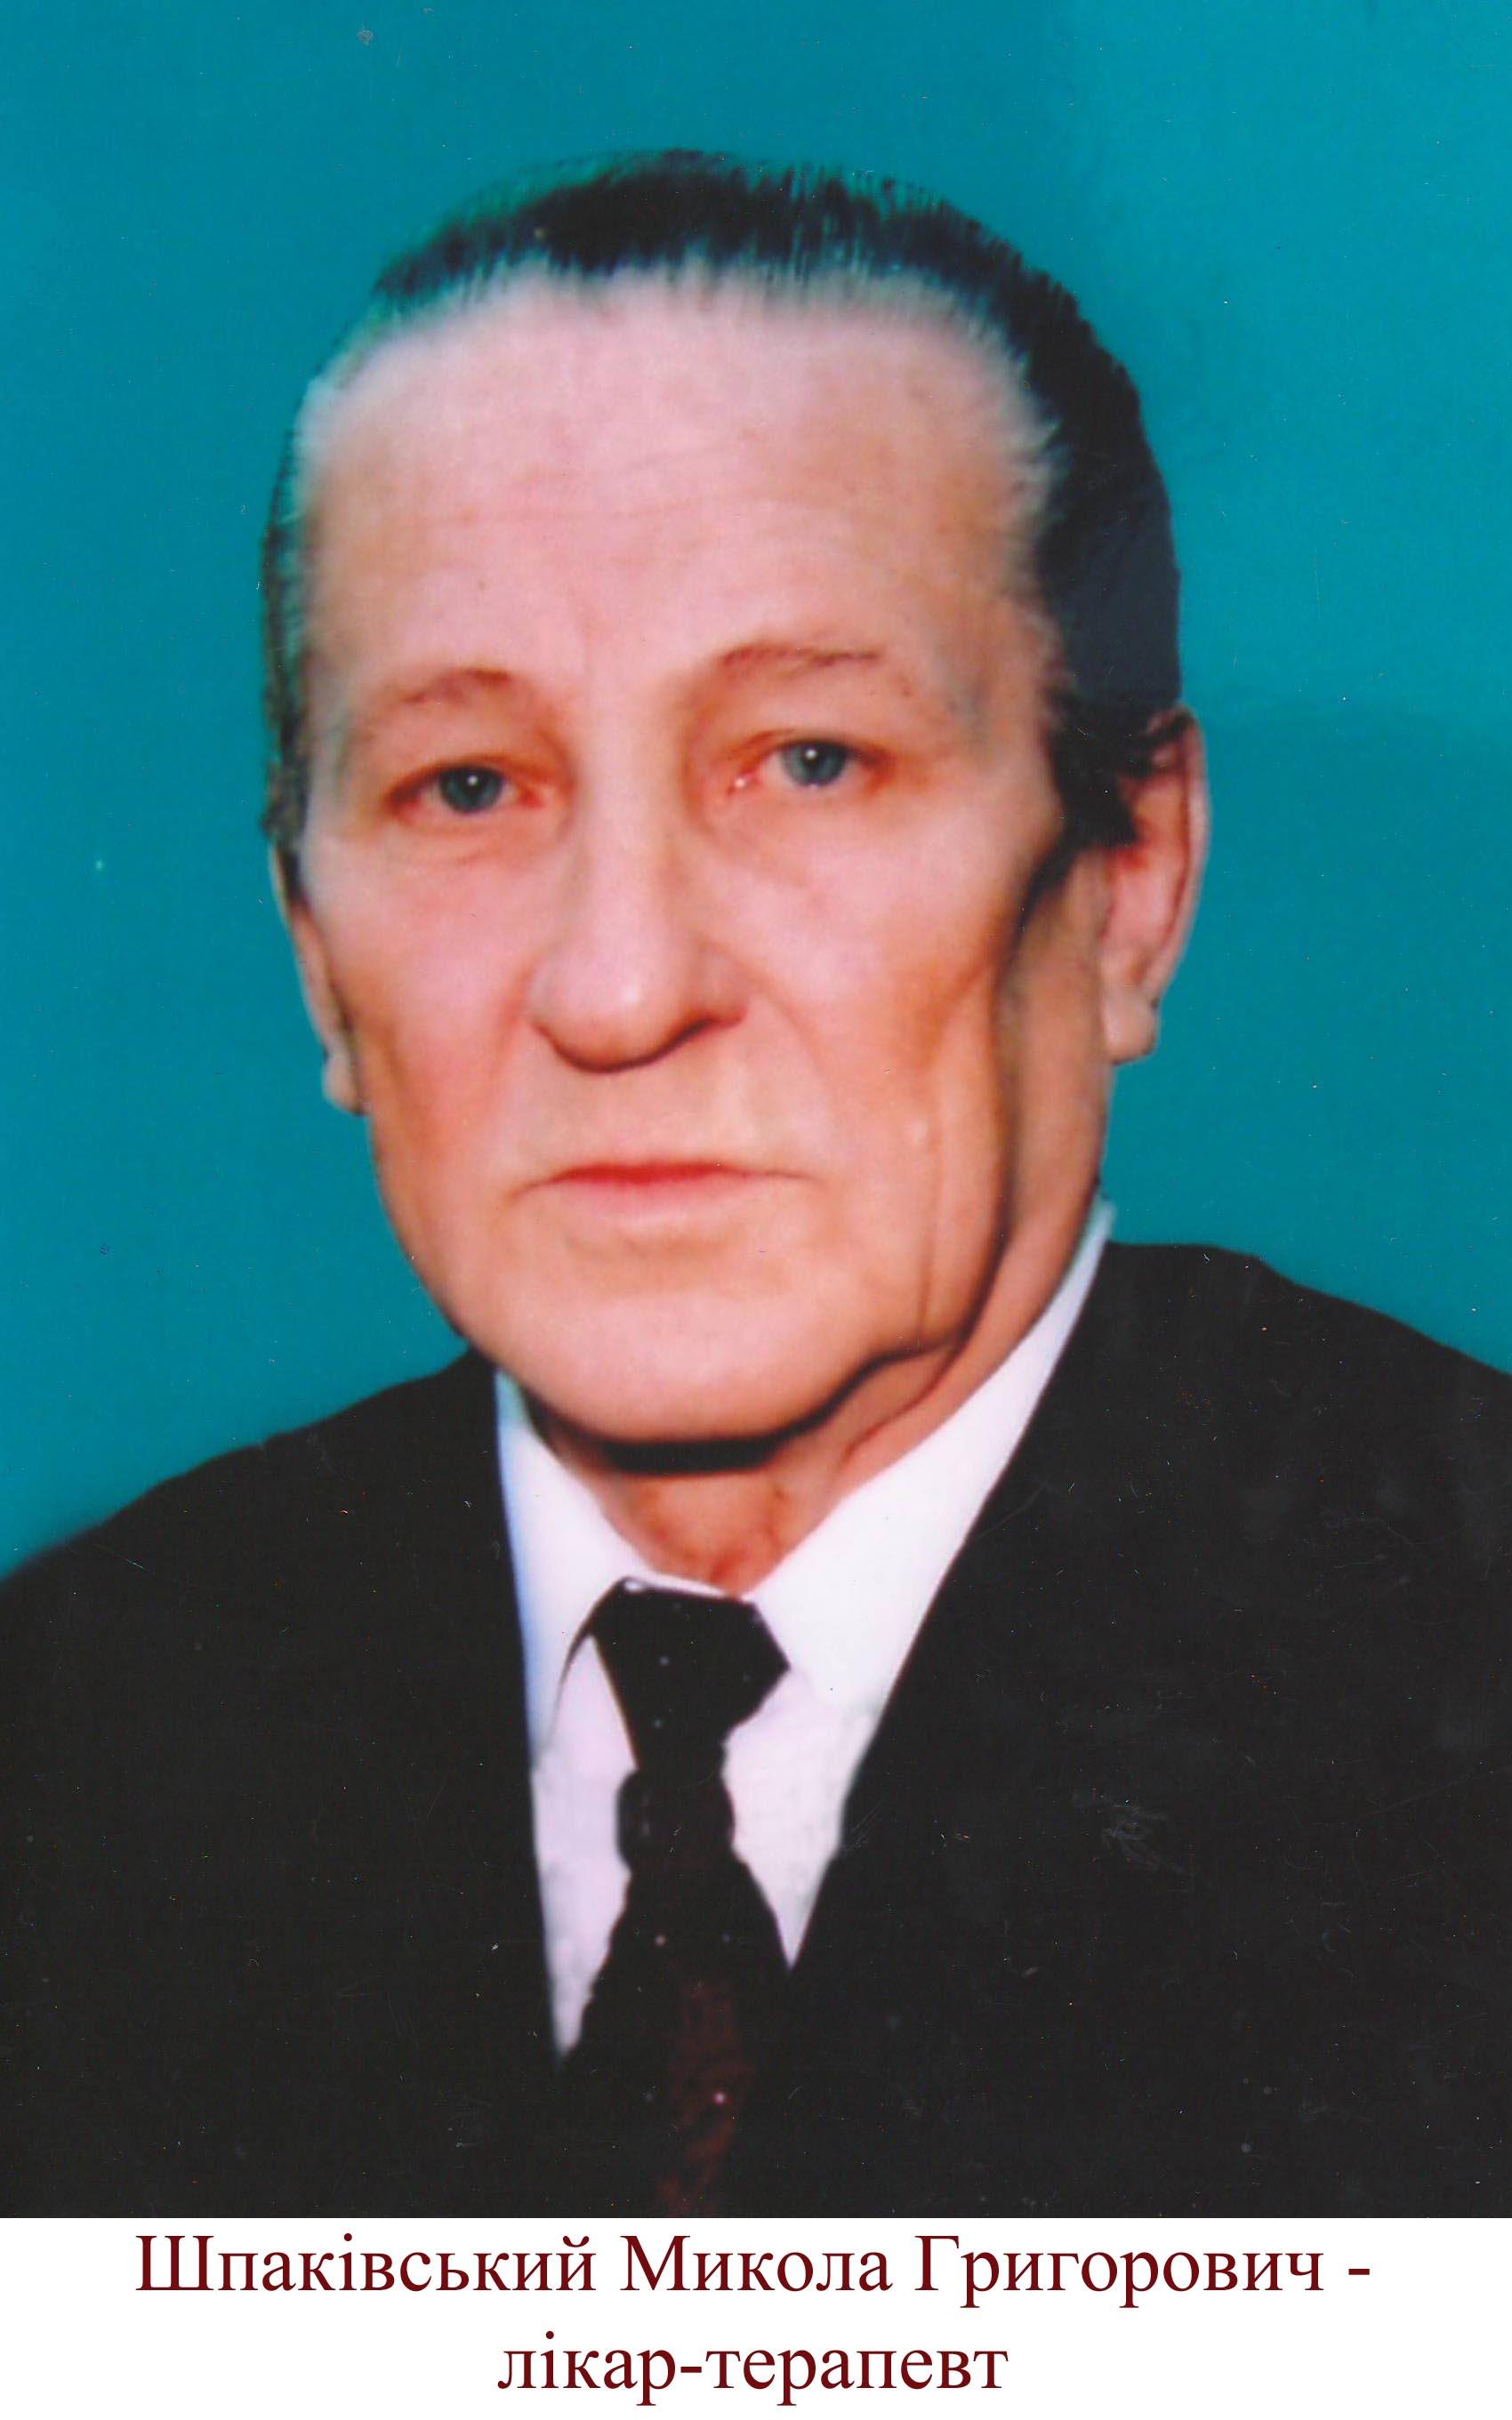 Шпаківський